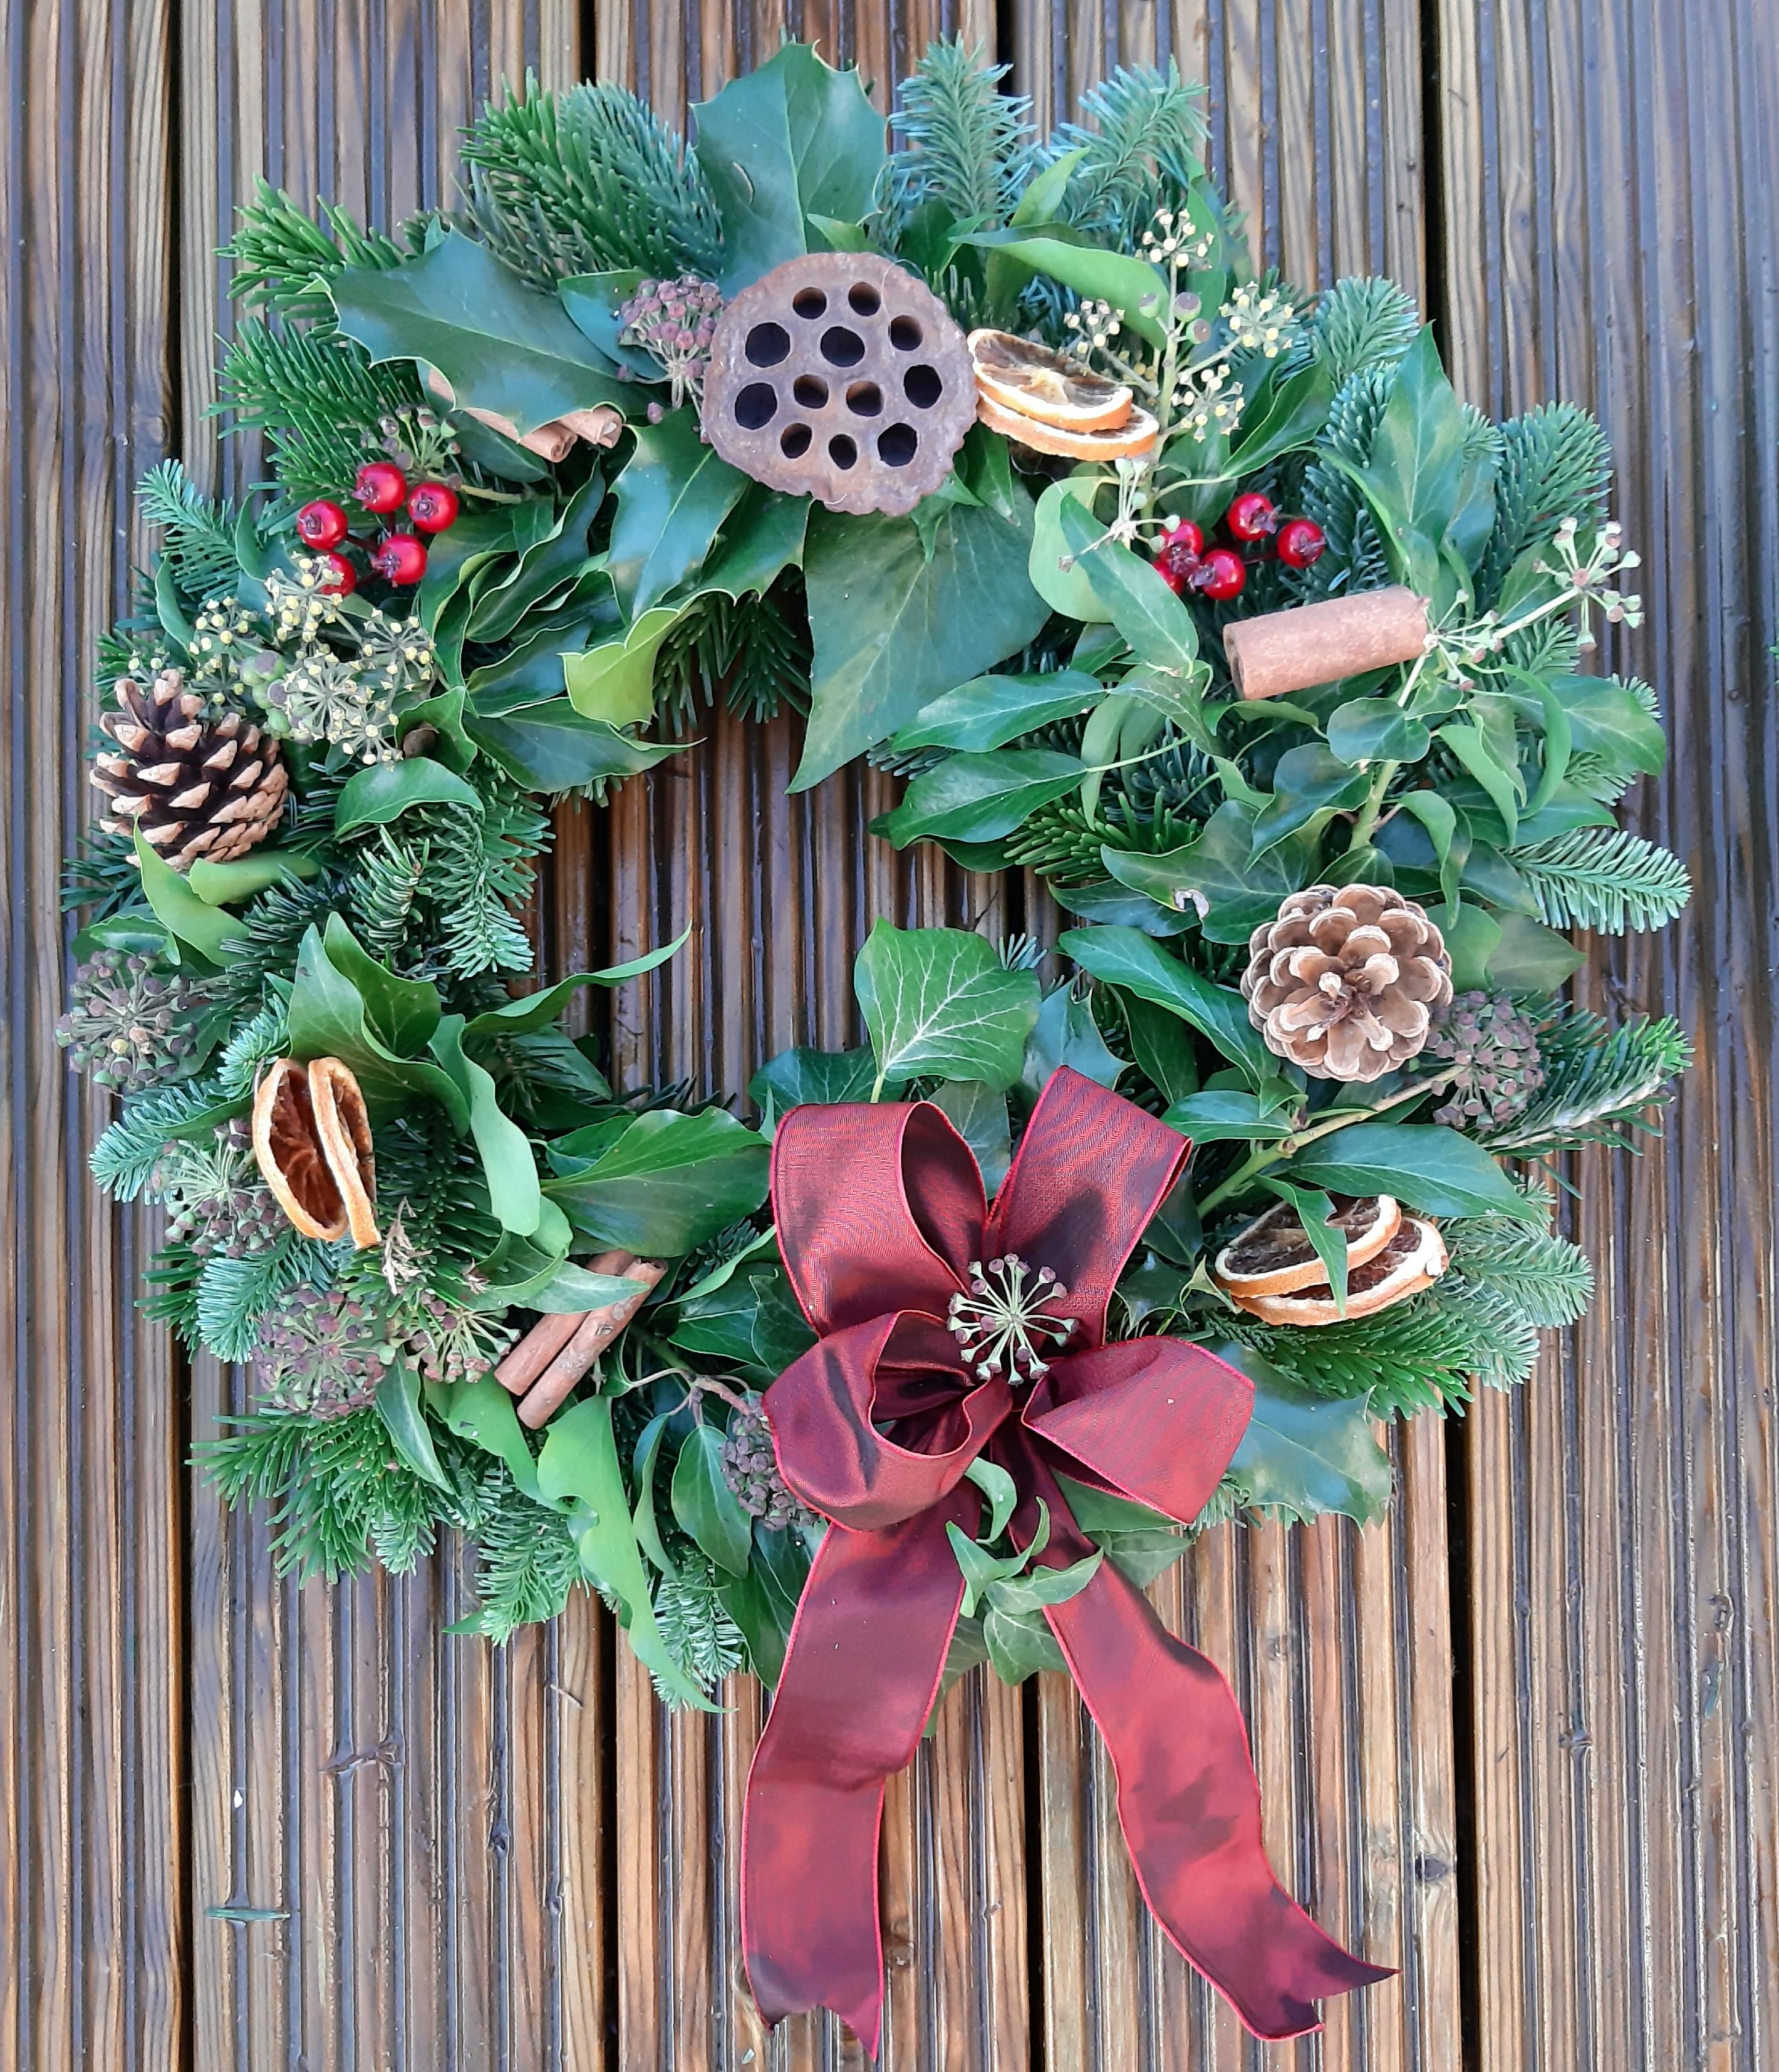   Xmas Door Wreath   £35.00   Dec 12